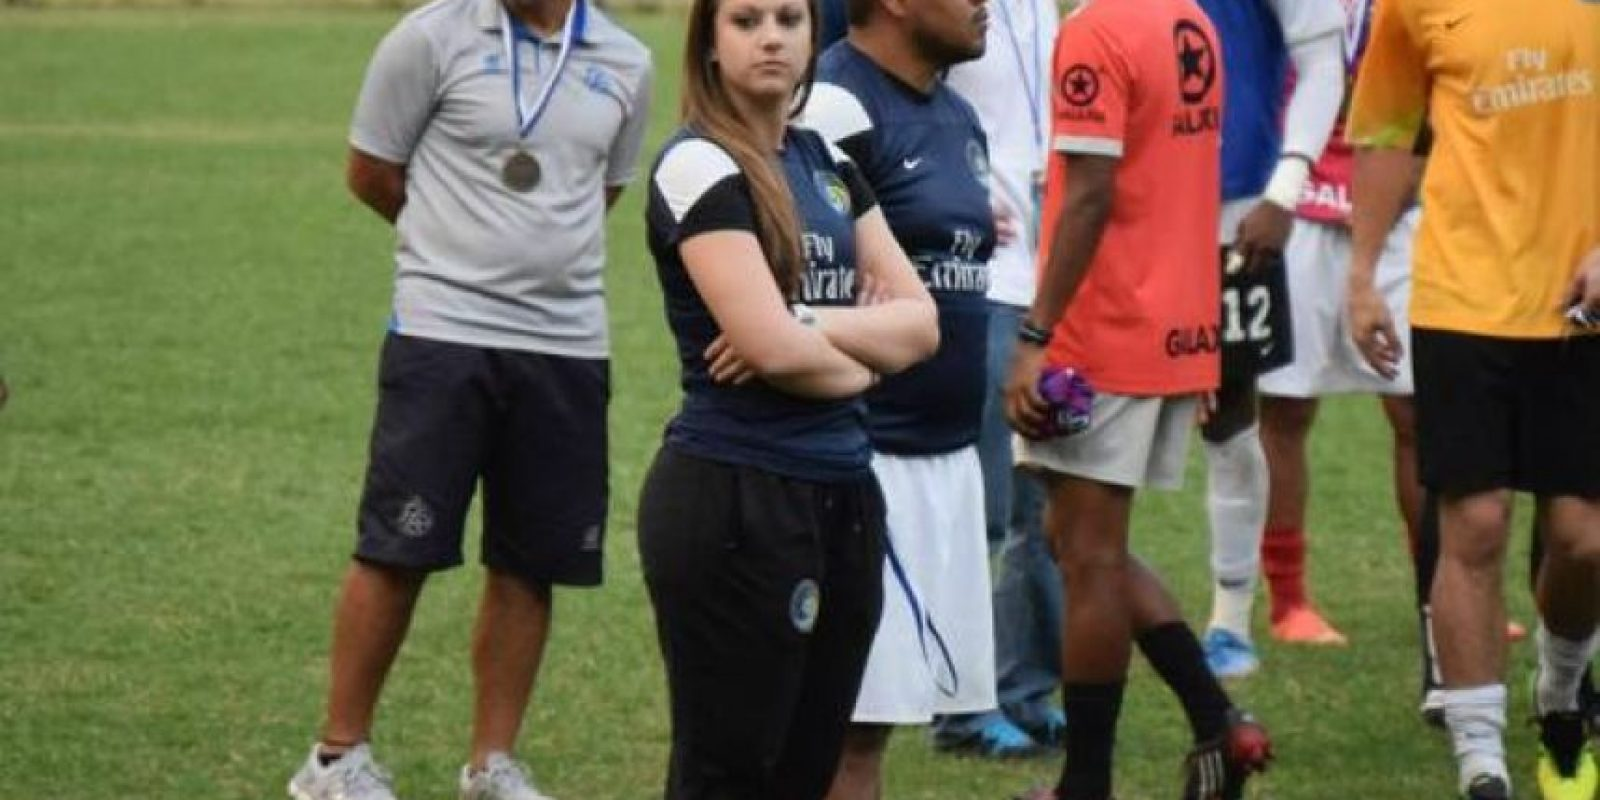 Es la preparadora física del New York Cosmos de la NASL (North American Soccer League), equipo donde juega Raúl González. Foto:Vía twitter.com